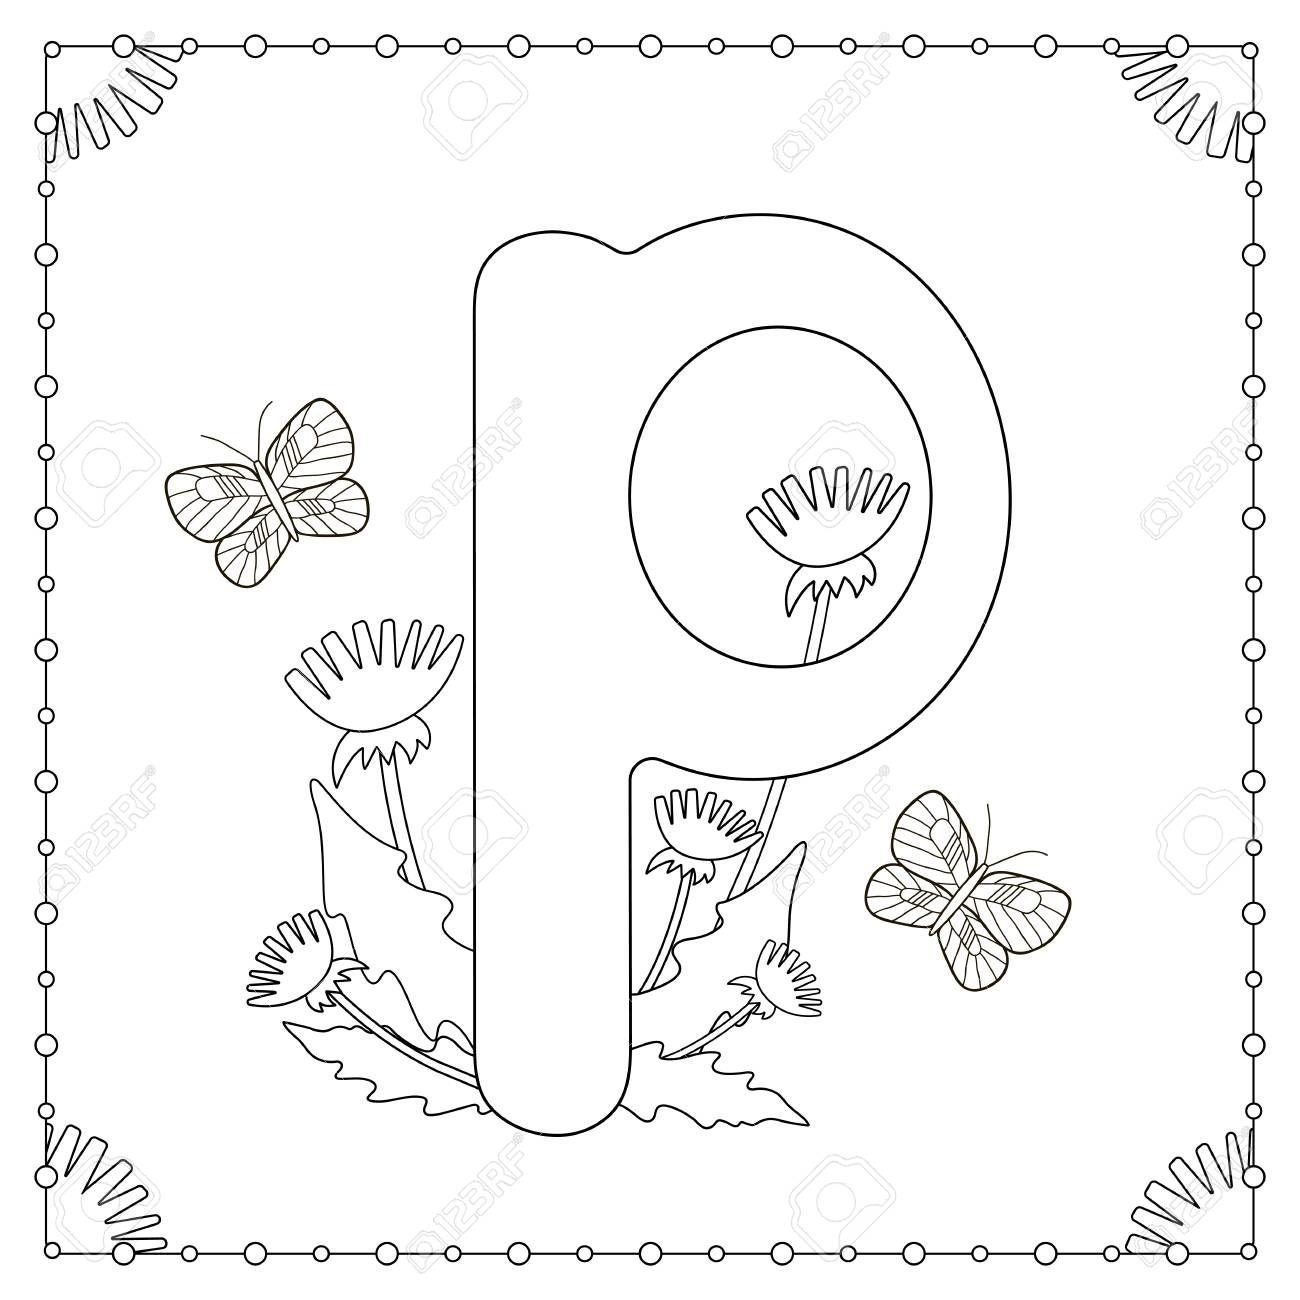 Coloriage Alphabet Fleur.Coloriage Alphabet Lettre Majuscule P Avec Des Fleurs Des